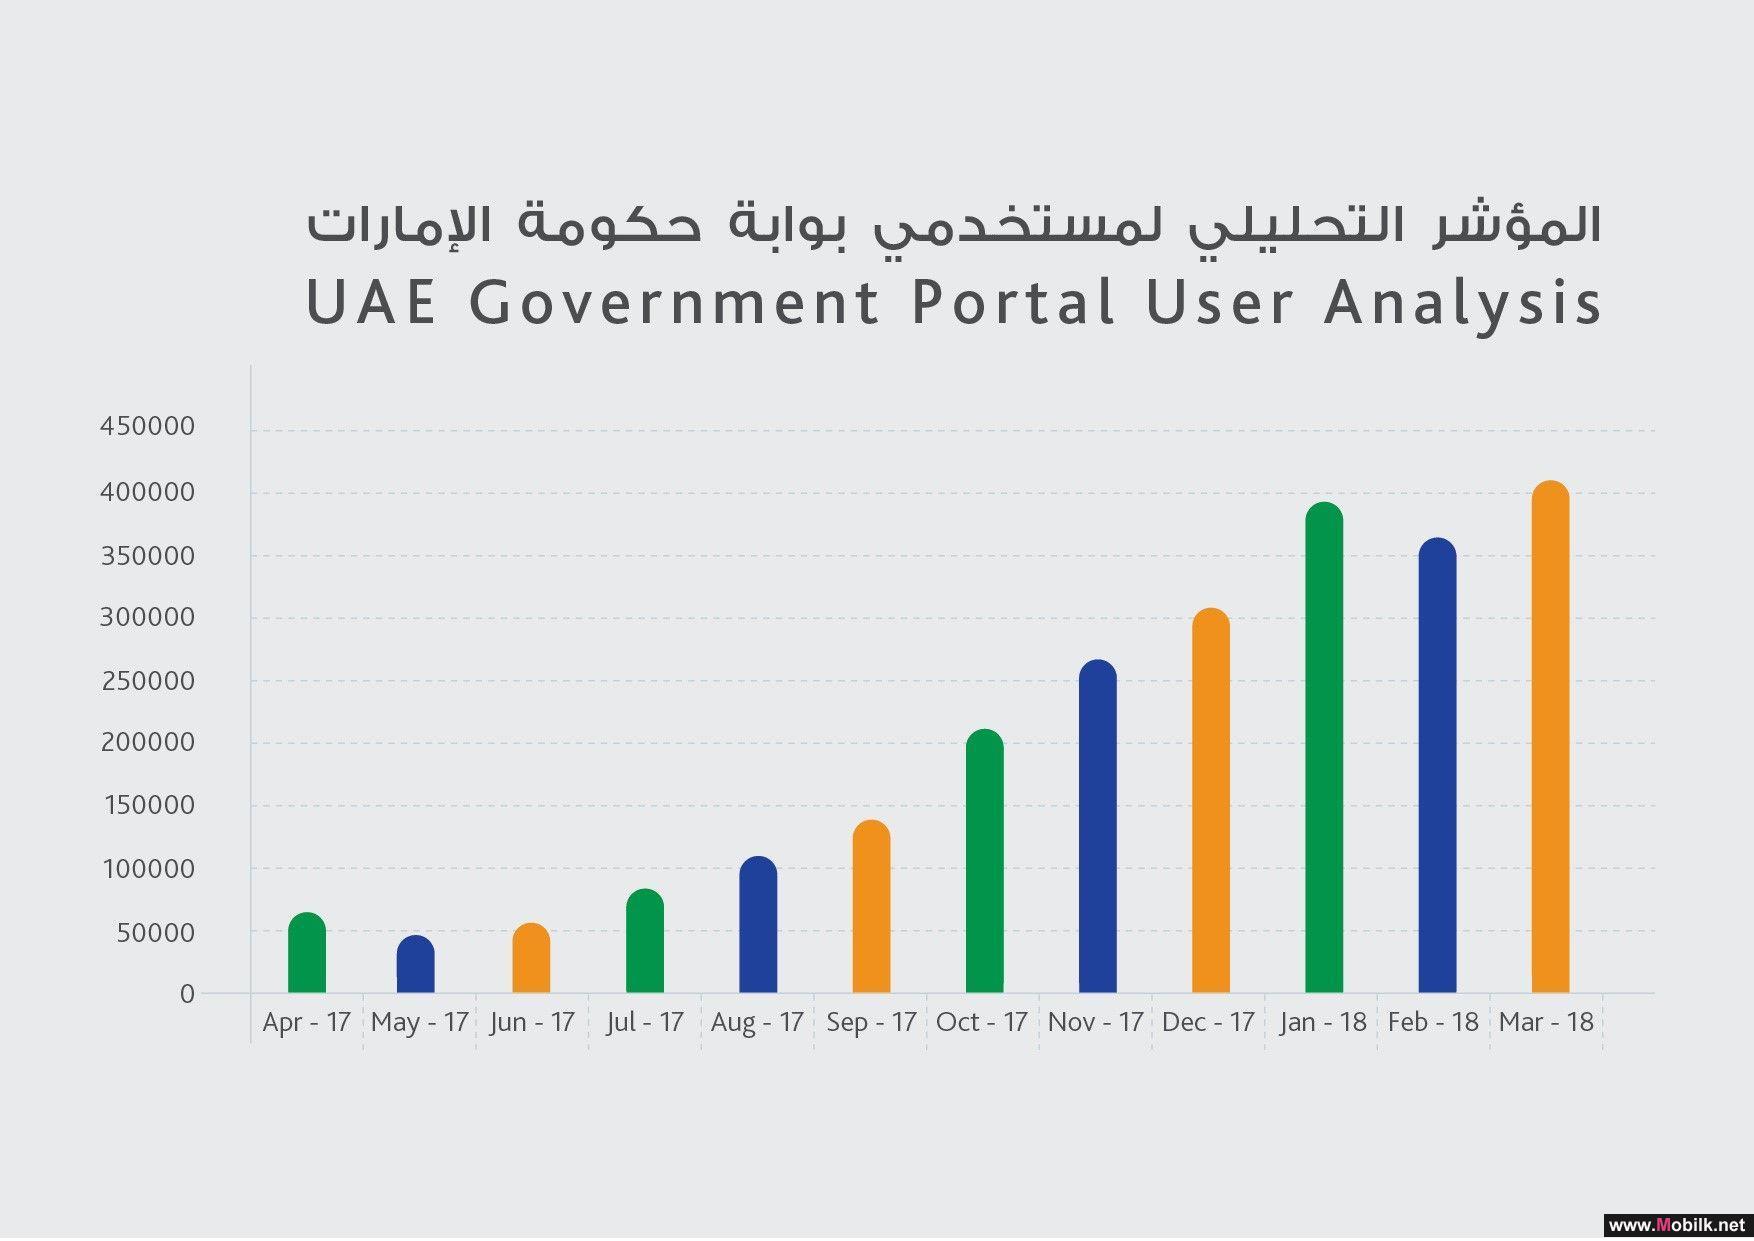 3 ملايين زيارة للبوابة الرسمية لحكومة الإمارات على الإنترنت